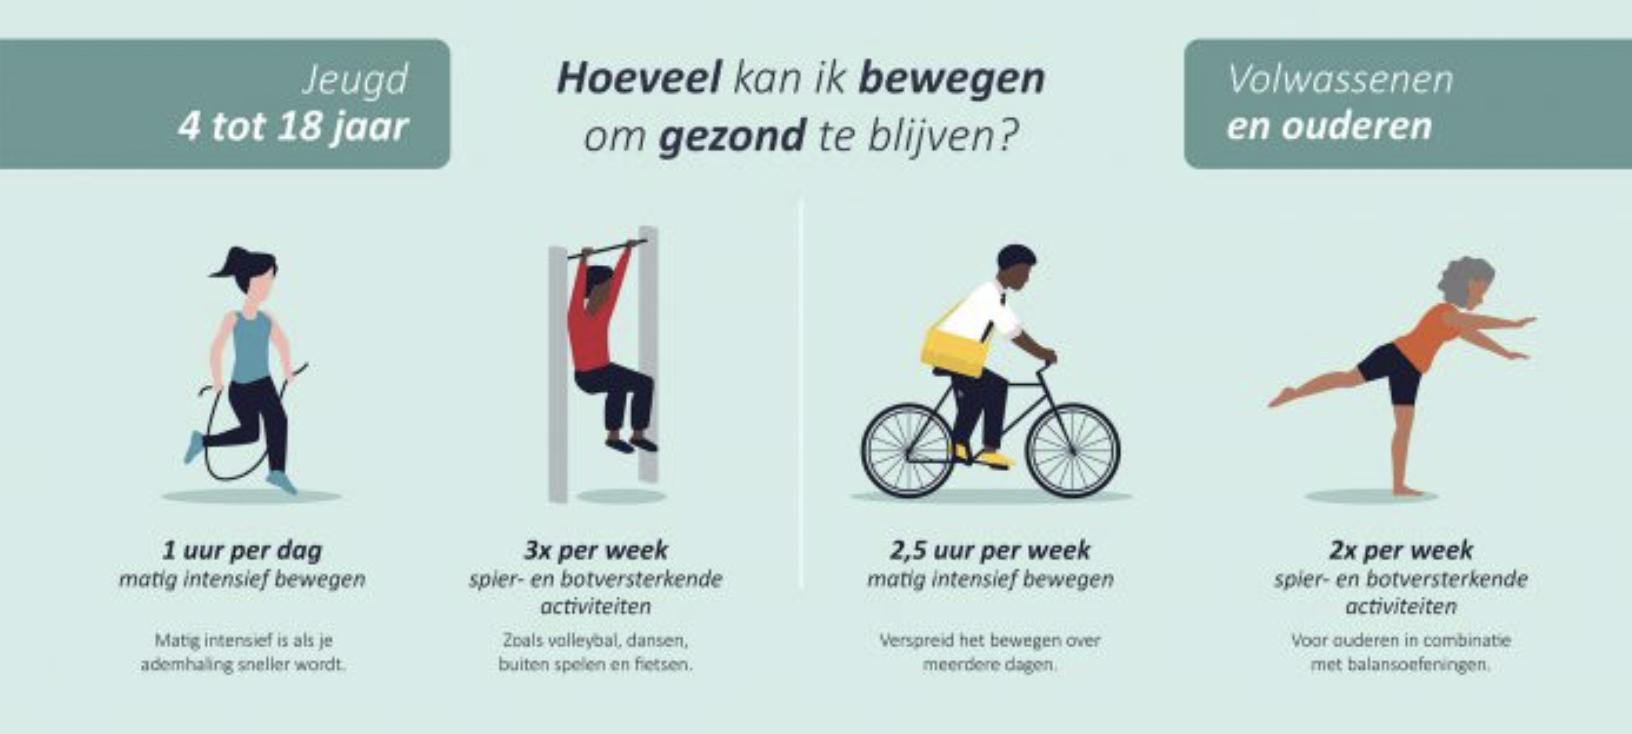 Hoeveel bewegen om gezond te blijven